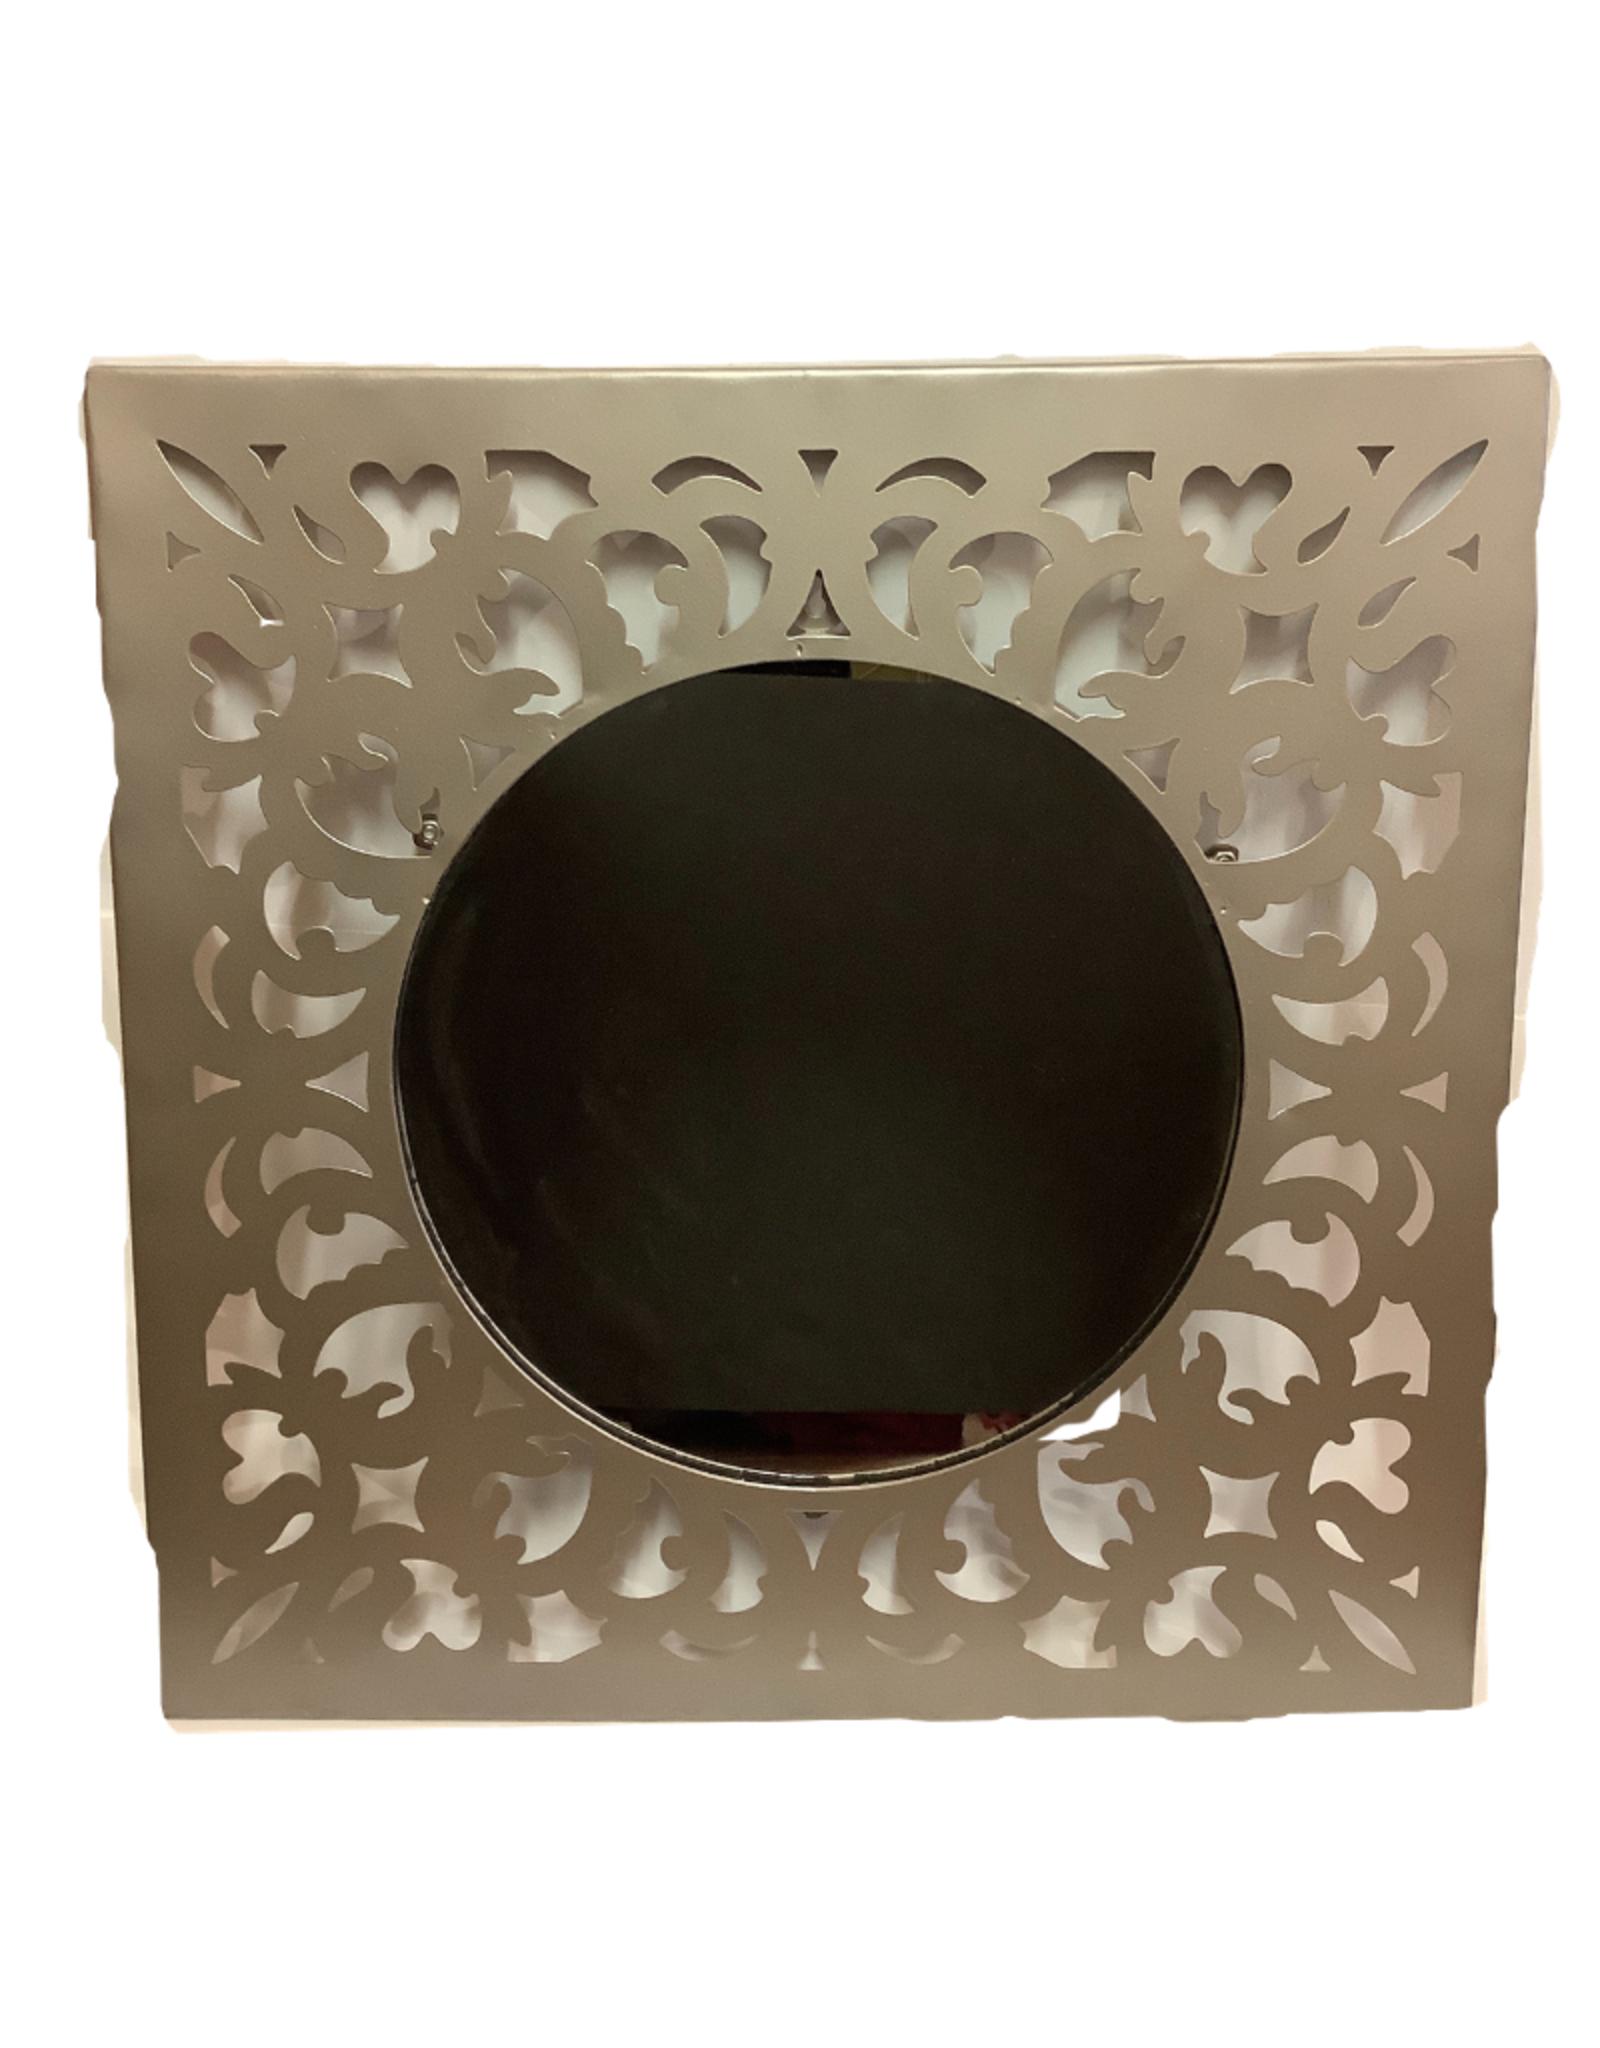 Silver, Square Filigree Mirror